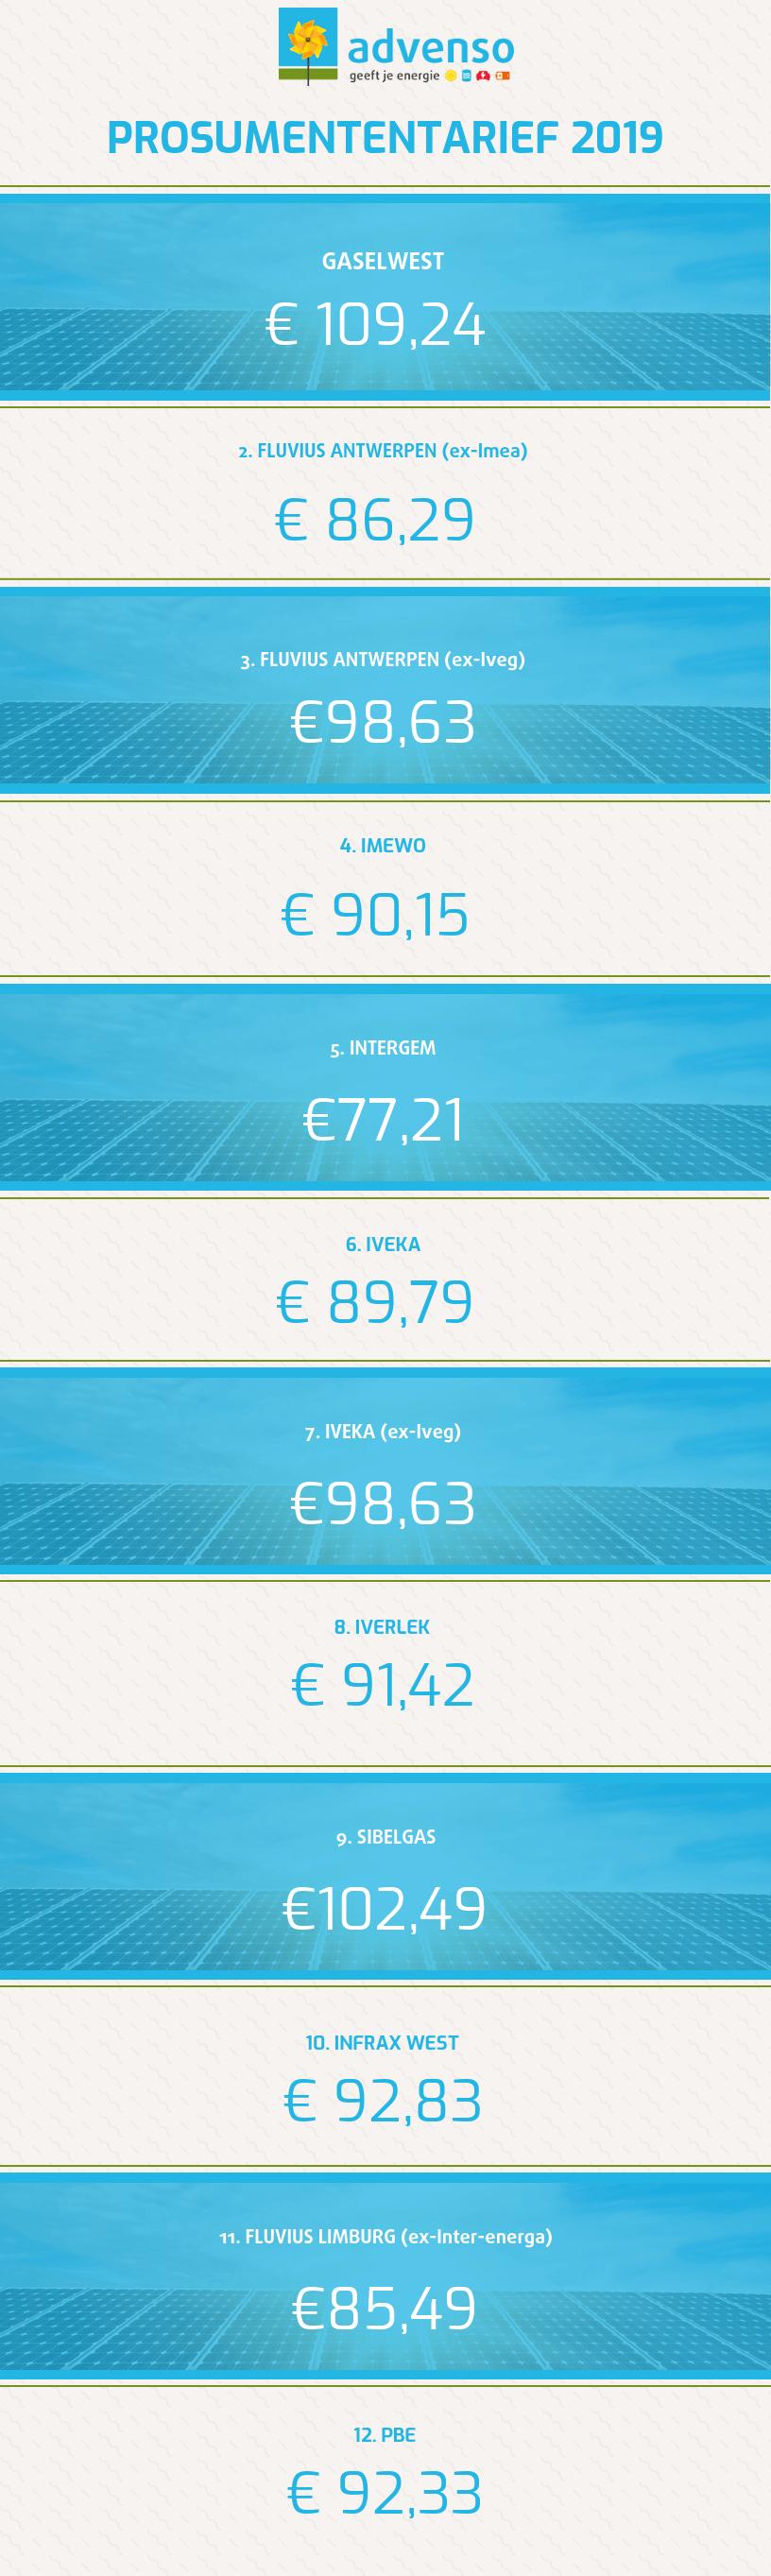 Prosumententarief 2019 opsomming tarieven alle netbeheerders in Belgie